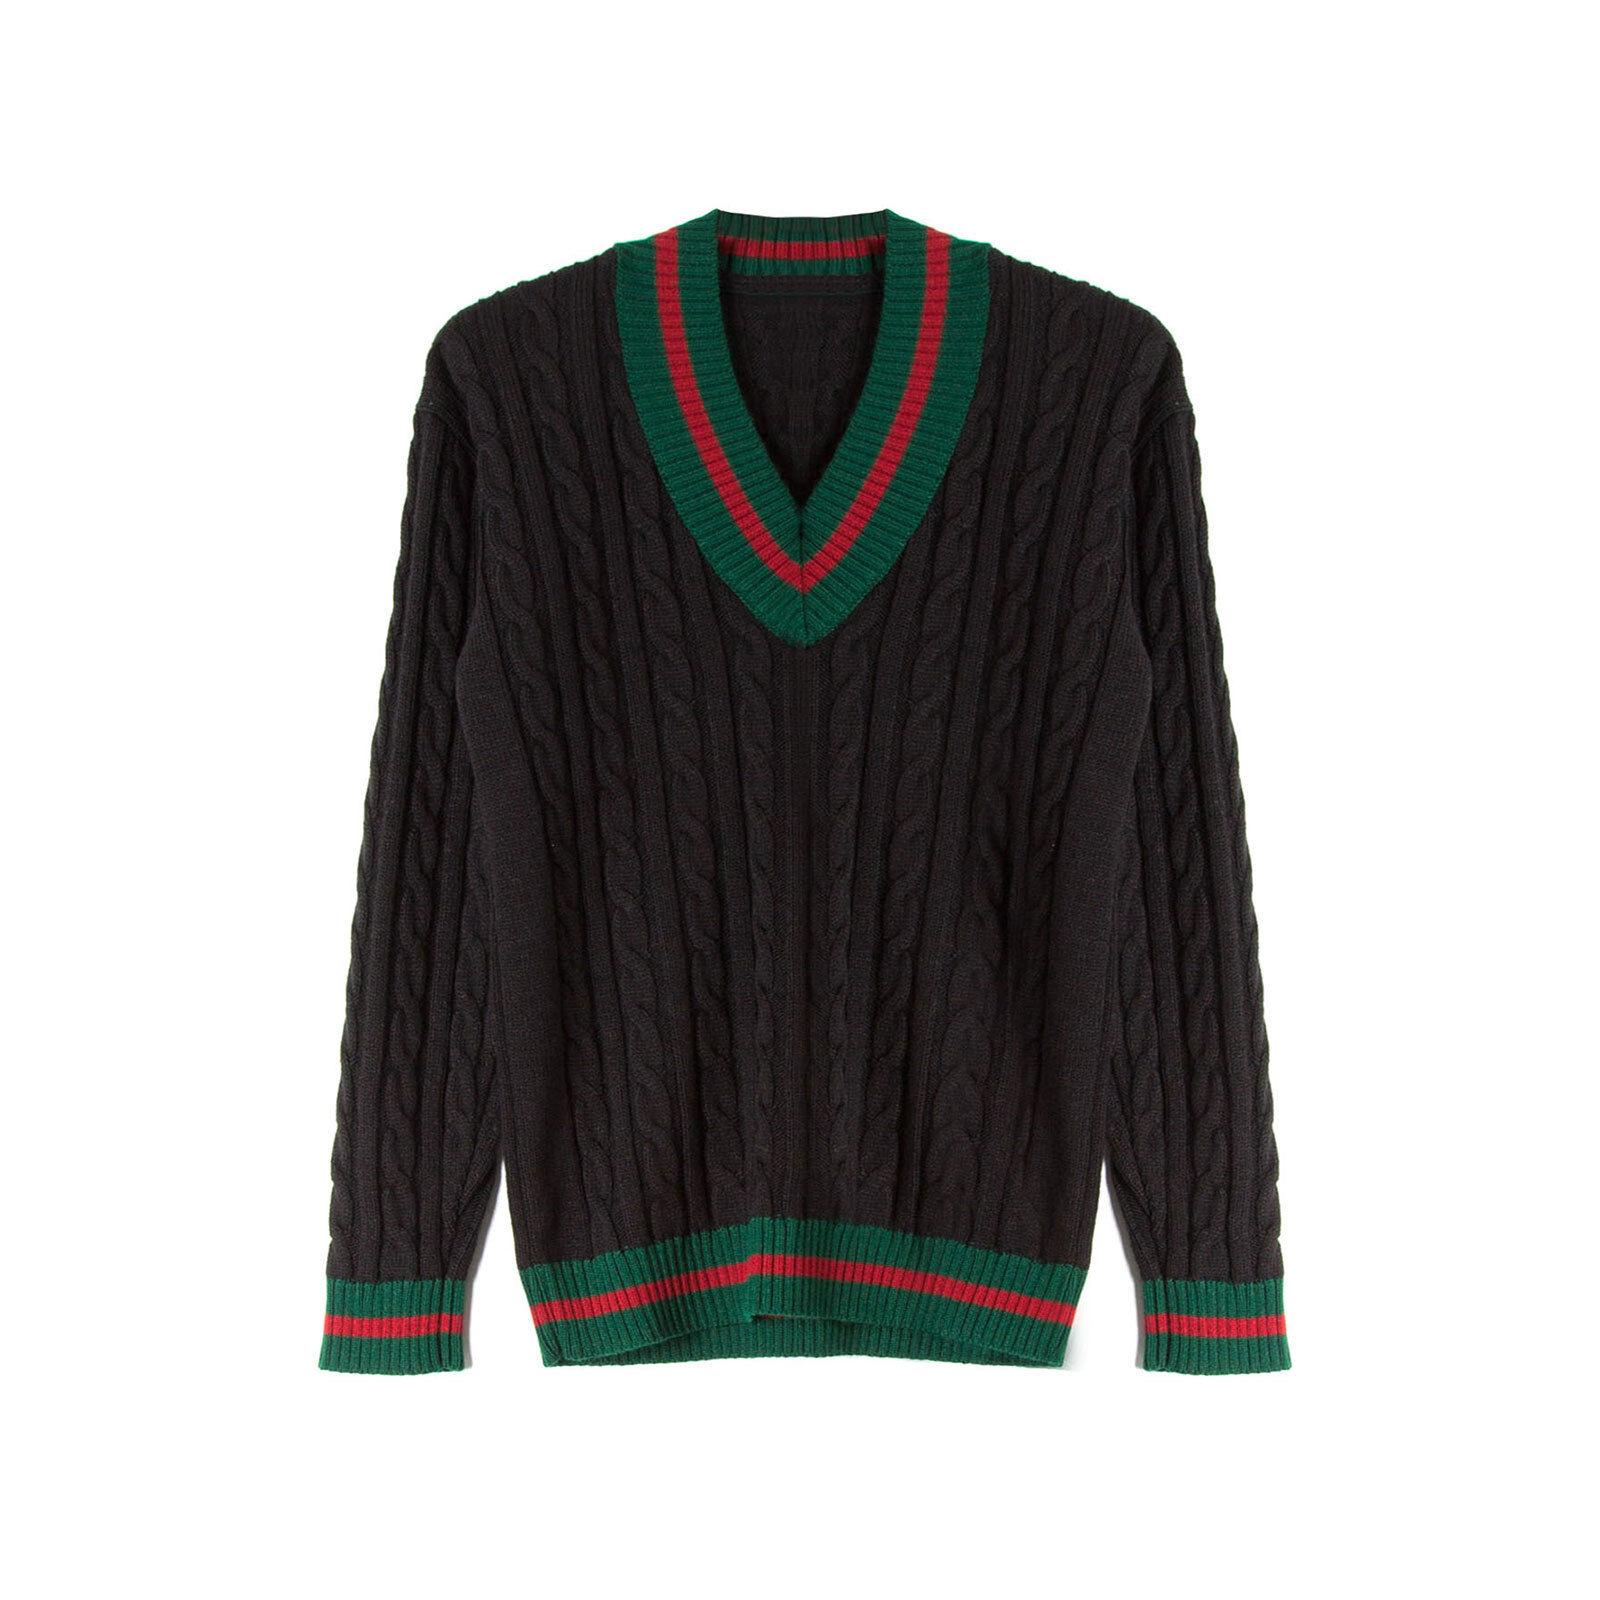 Maglione uomo maglioncino pullover golfino invernale scollo a V nuovo slim  uy267 2f74001dd7b1